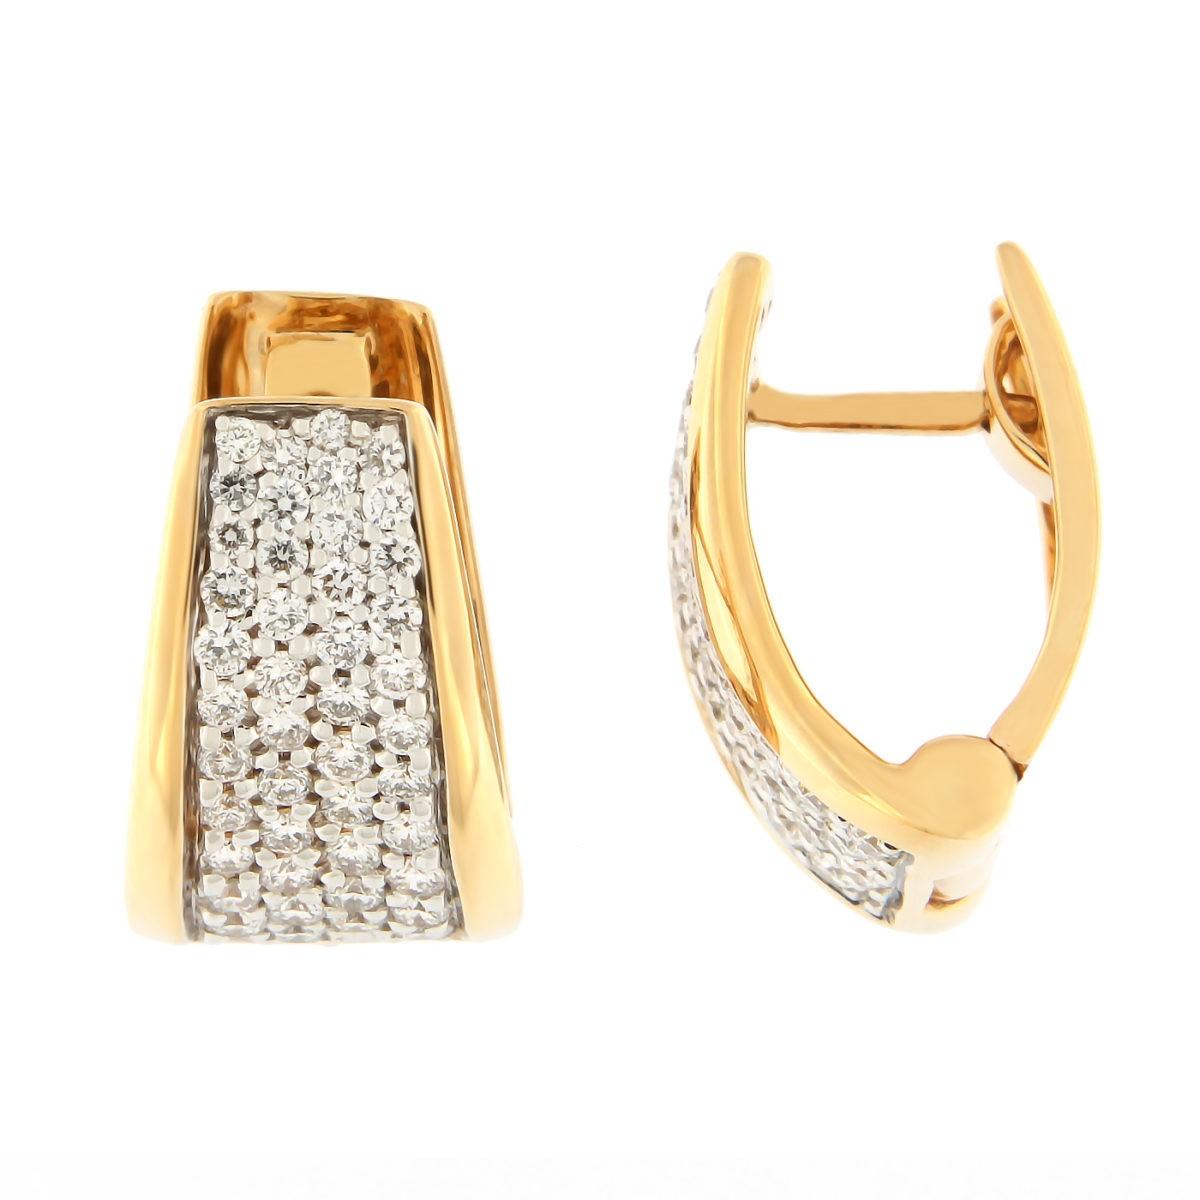 Kullast kõrvarõngad teemantidega 0,56 ct. Kood: 7af